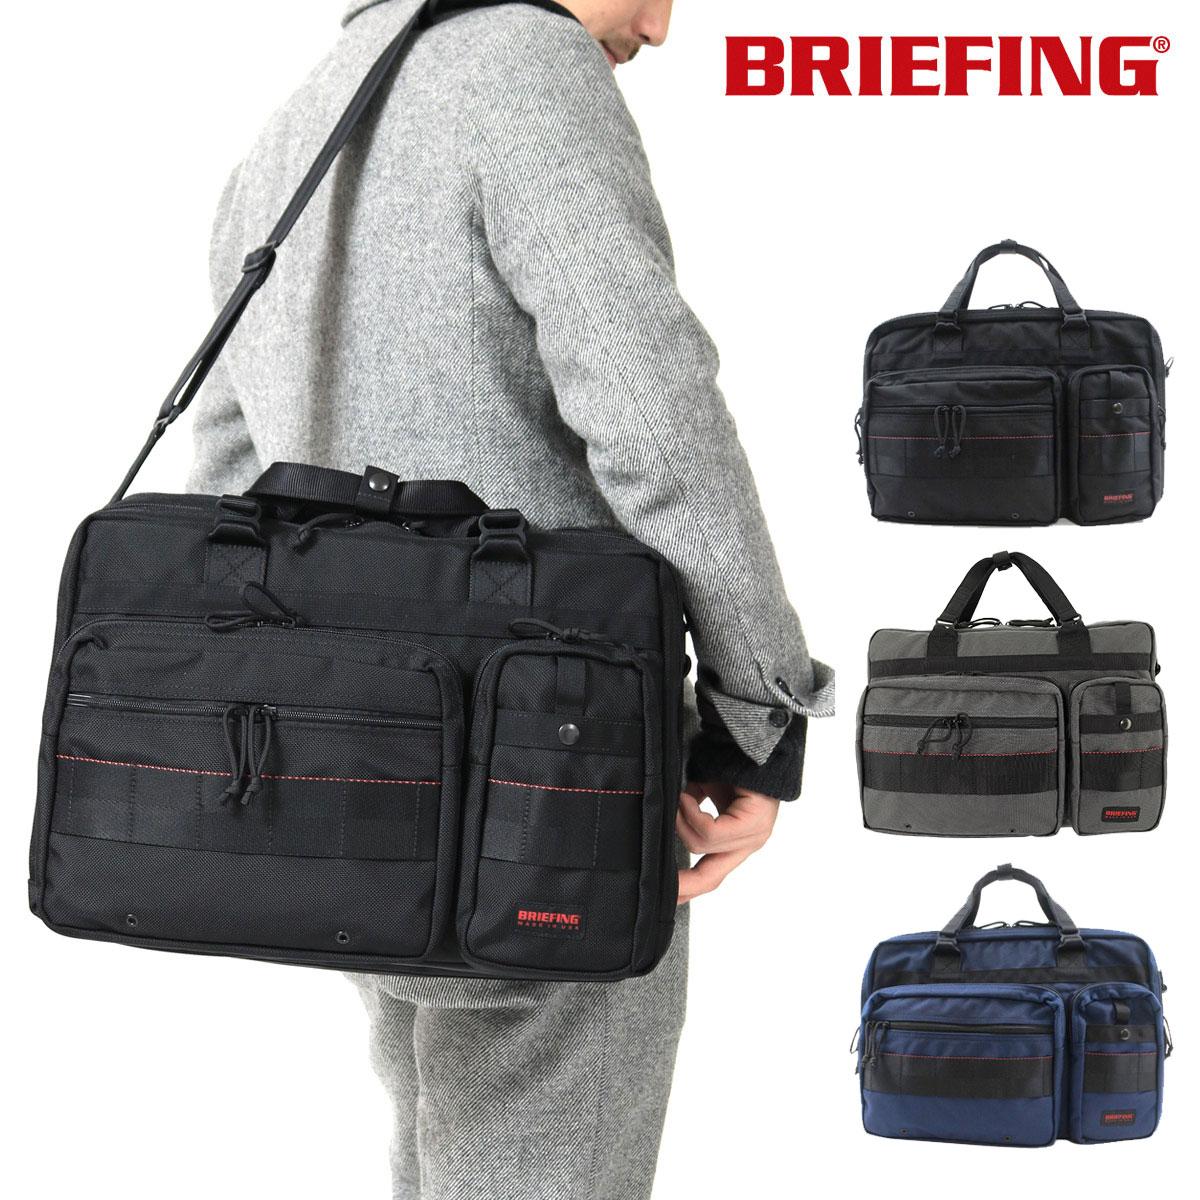 ブリーフィング ブリーフケース USA BRF117219 BRIEFING B4 OVER TRIP 2WAY ショルダー ビジネスバッグ 2層 ビジネス バリスティックナイロン メンズ[PO10][bef][即日発送]